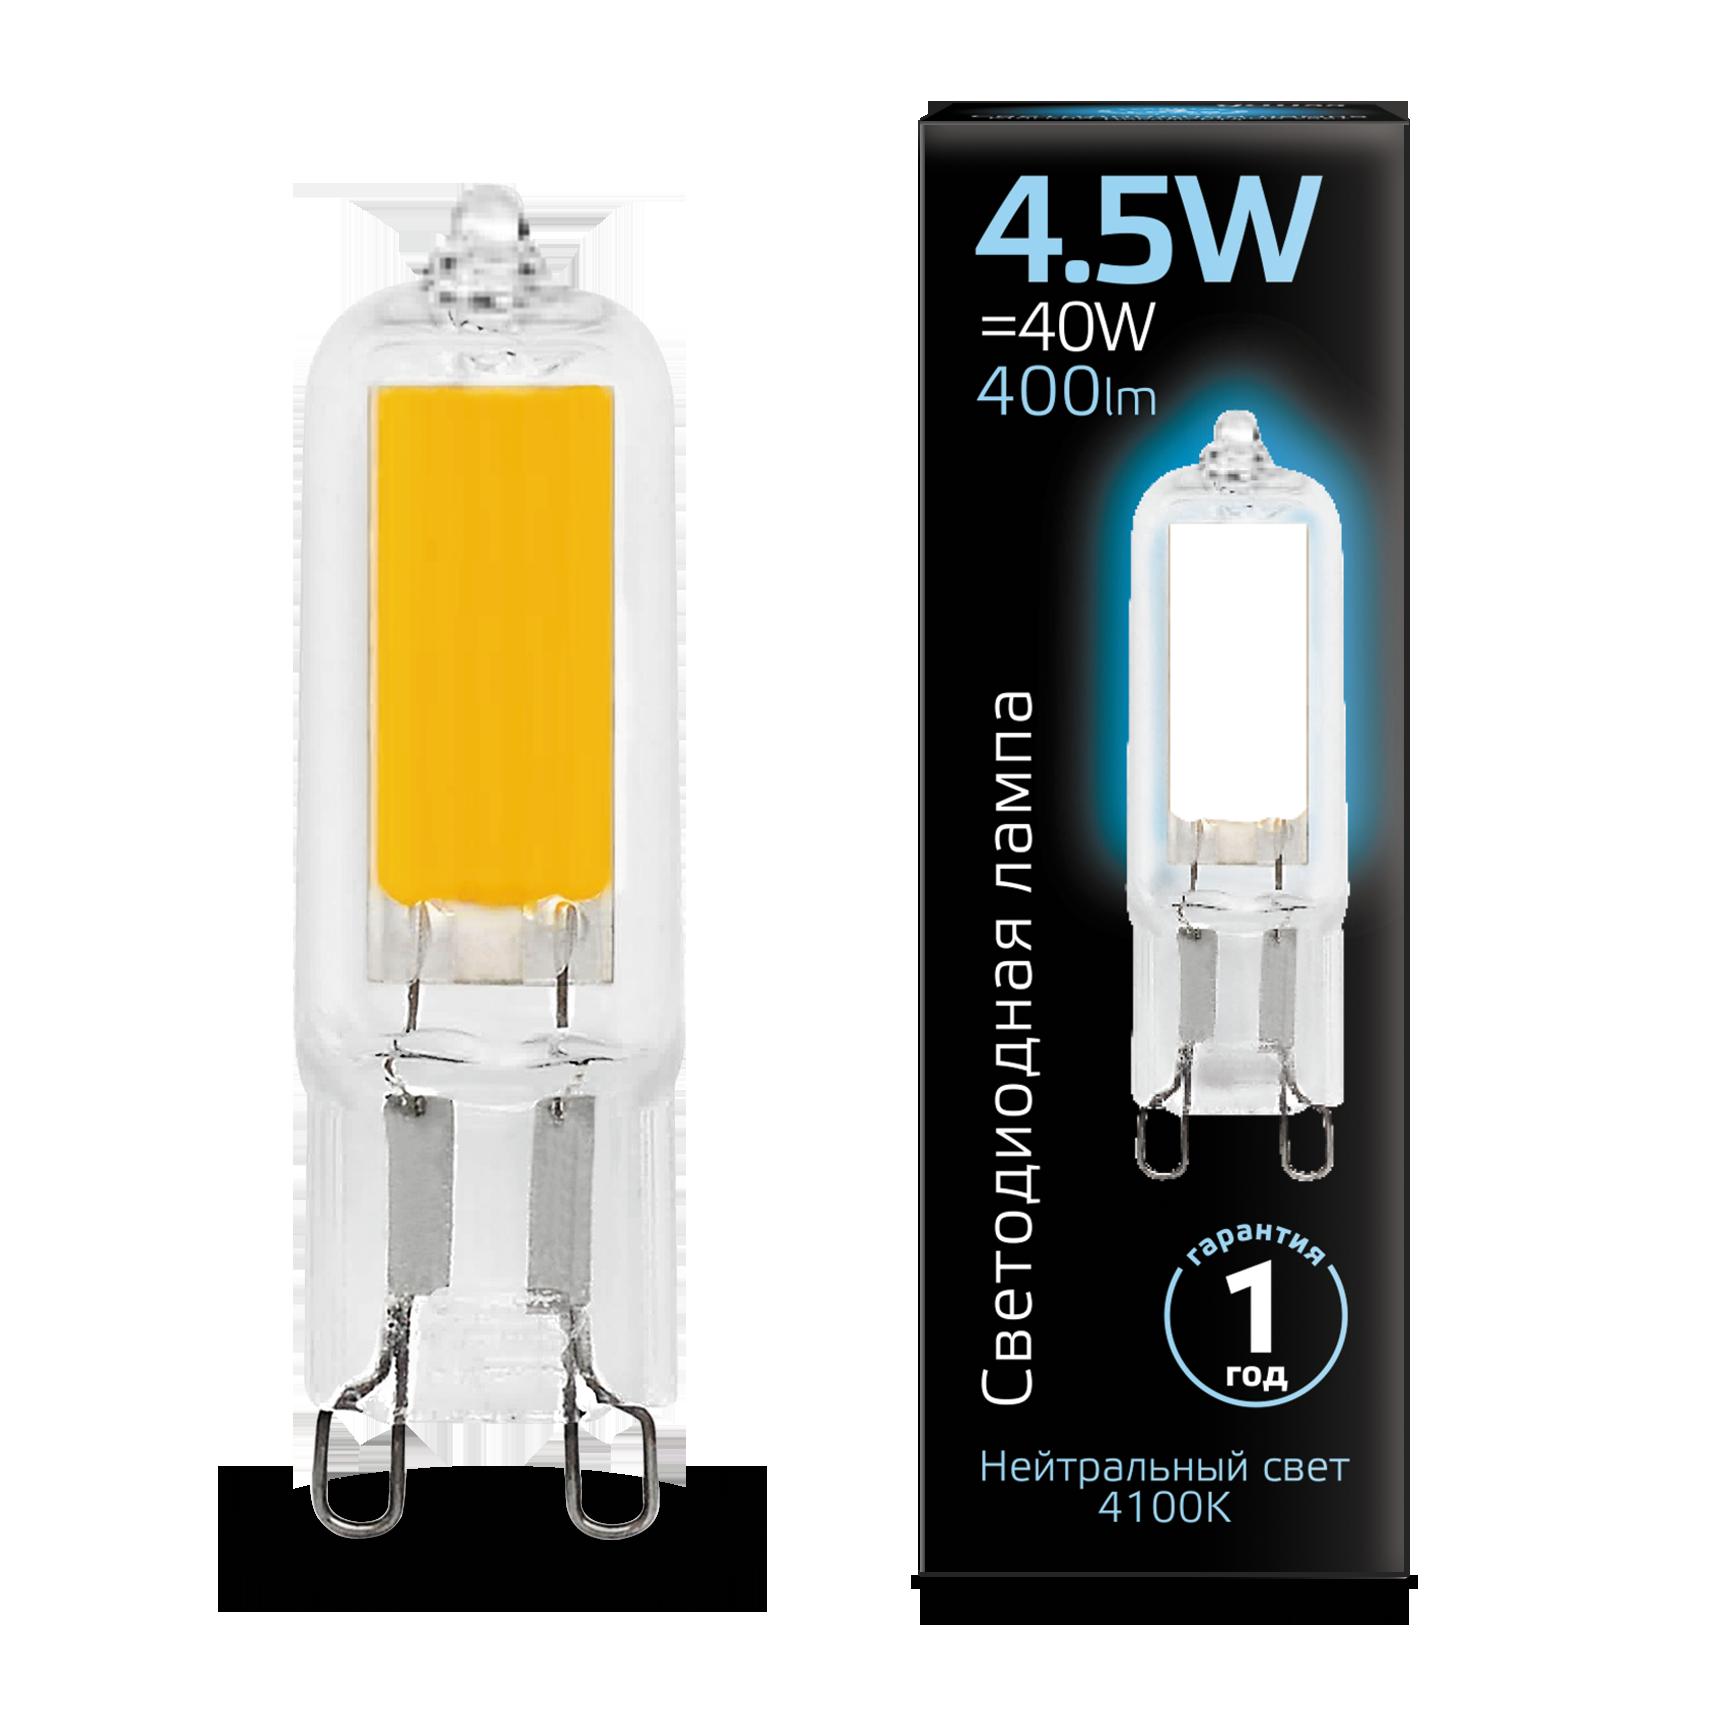 Филаментная светодиодная лампа Gauss 107809204 капсульная G9 4,5W, 4100K (холодный) CRI>90 220-240V, гарантия 1 год - фото 1